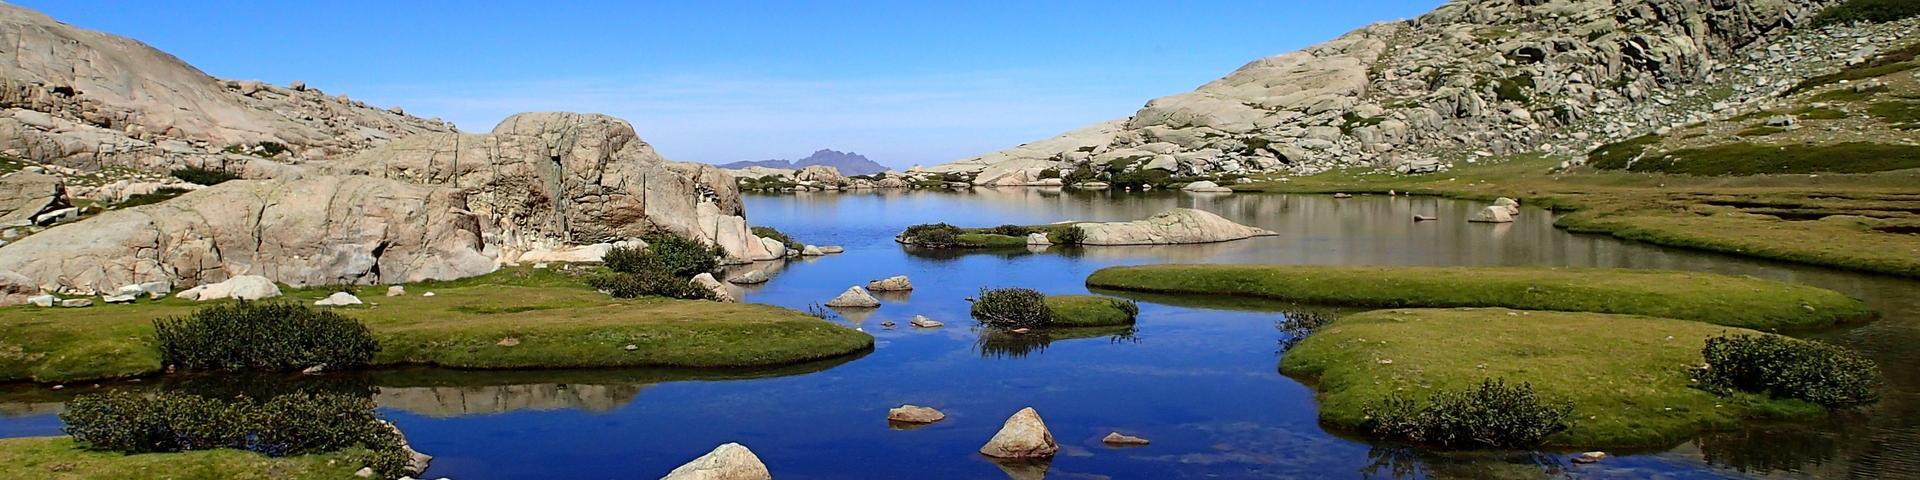 The Lavu di l'Uriente surrounded by characteristic pozzi formations, Haute-Corse